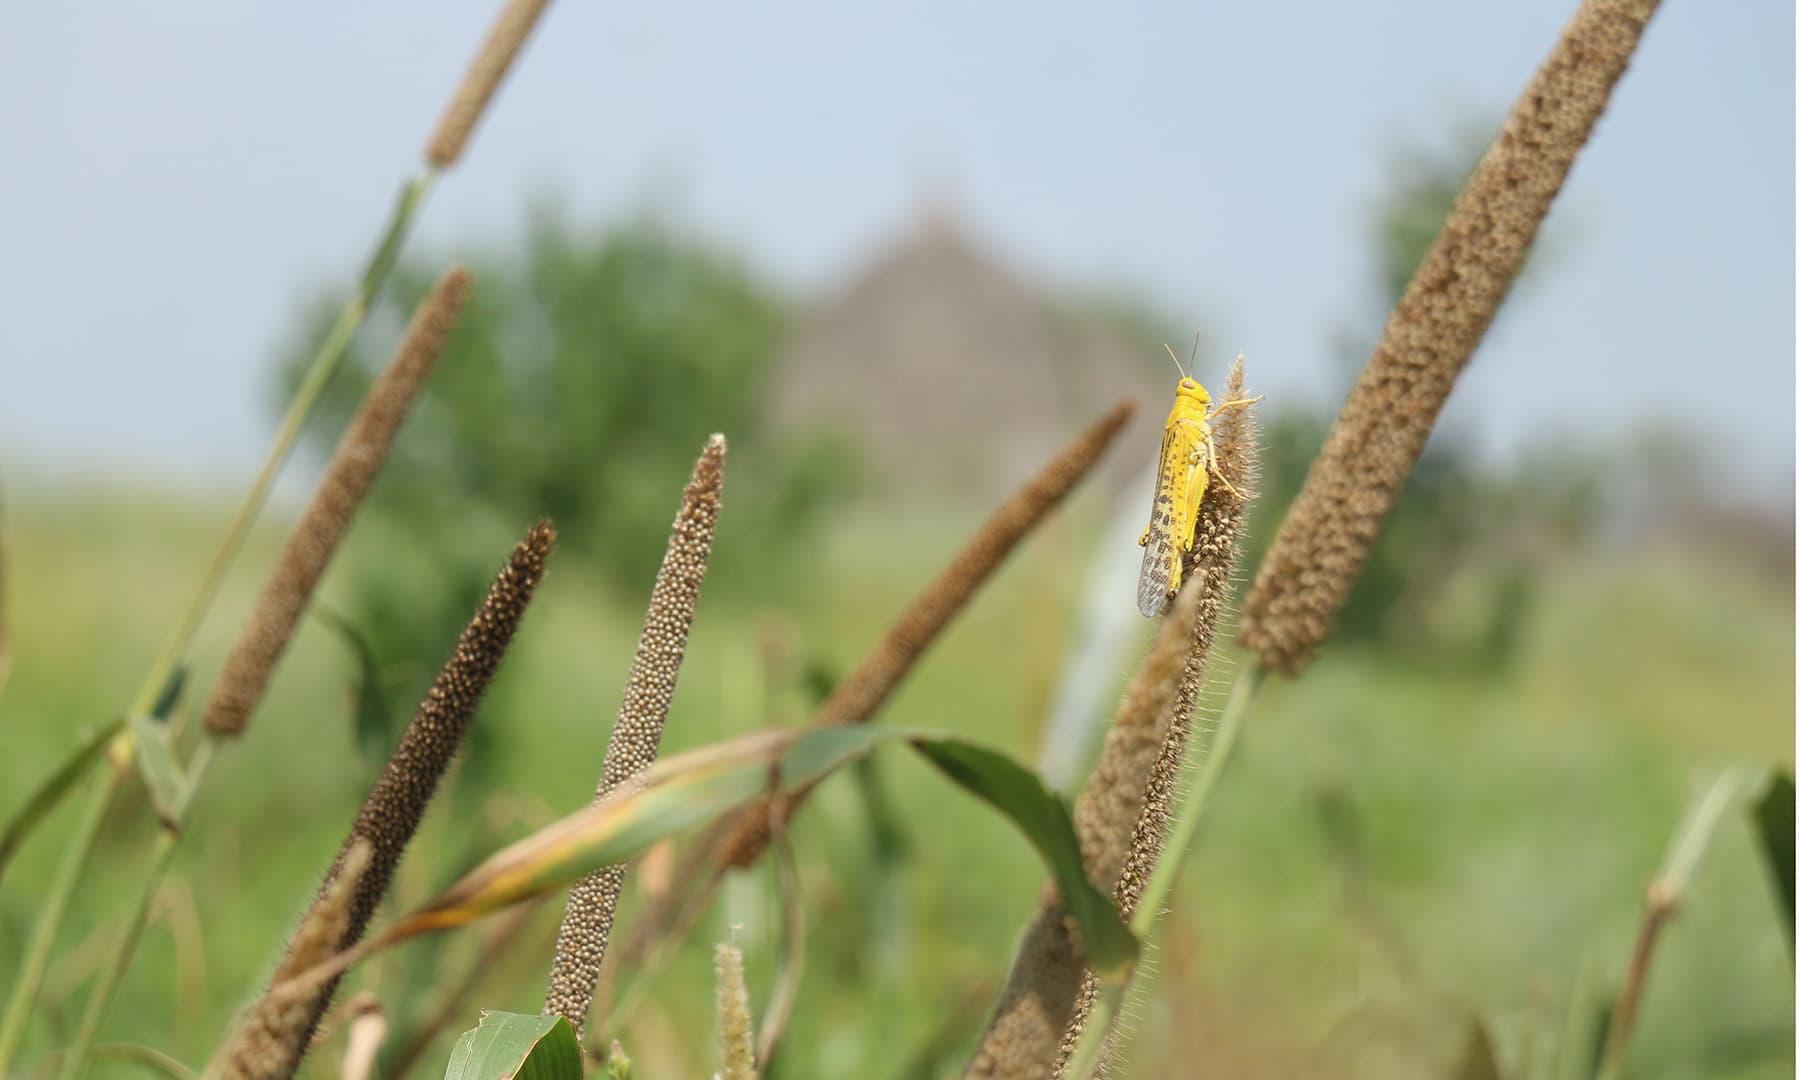 ٹڈیاں نہ صرف تھریوں کی فصلوں کو نقصان پہنچاتی ہیں بلکہ ان کی زد میں مویشی بھی آجاتے ہیں۔